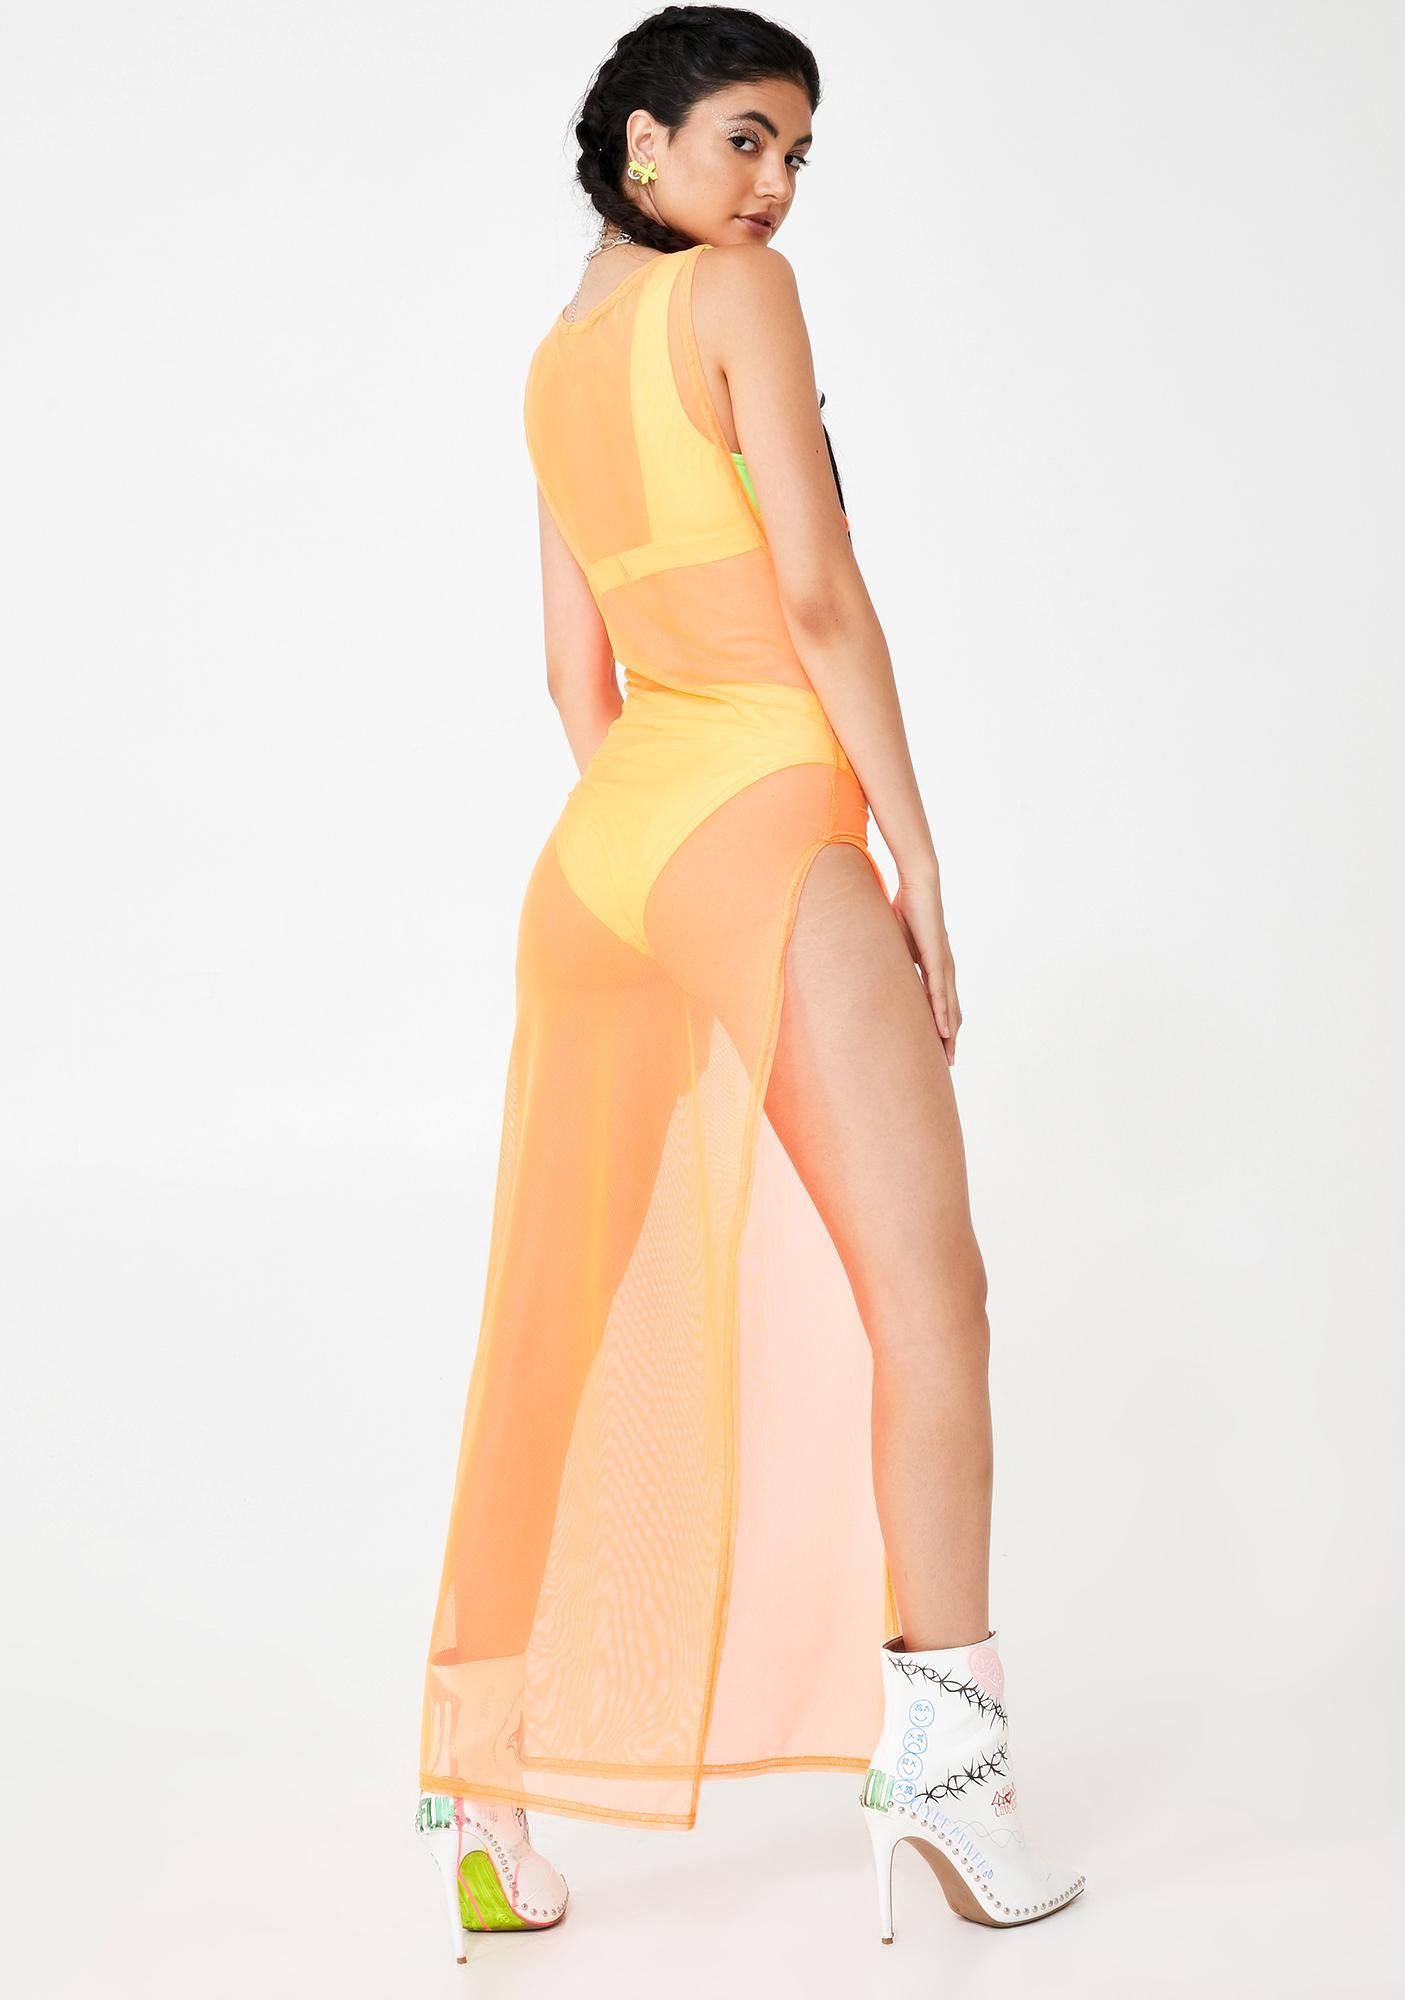 BADGAL BLVD Baecation Mesh Slit Dress